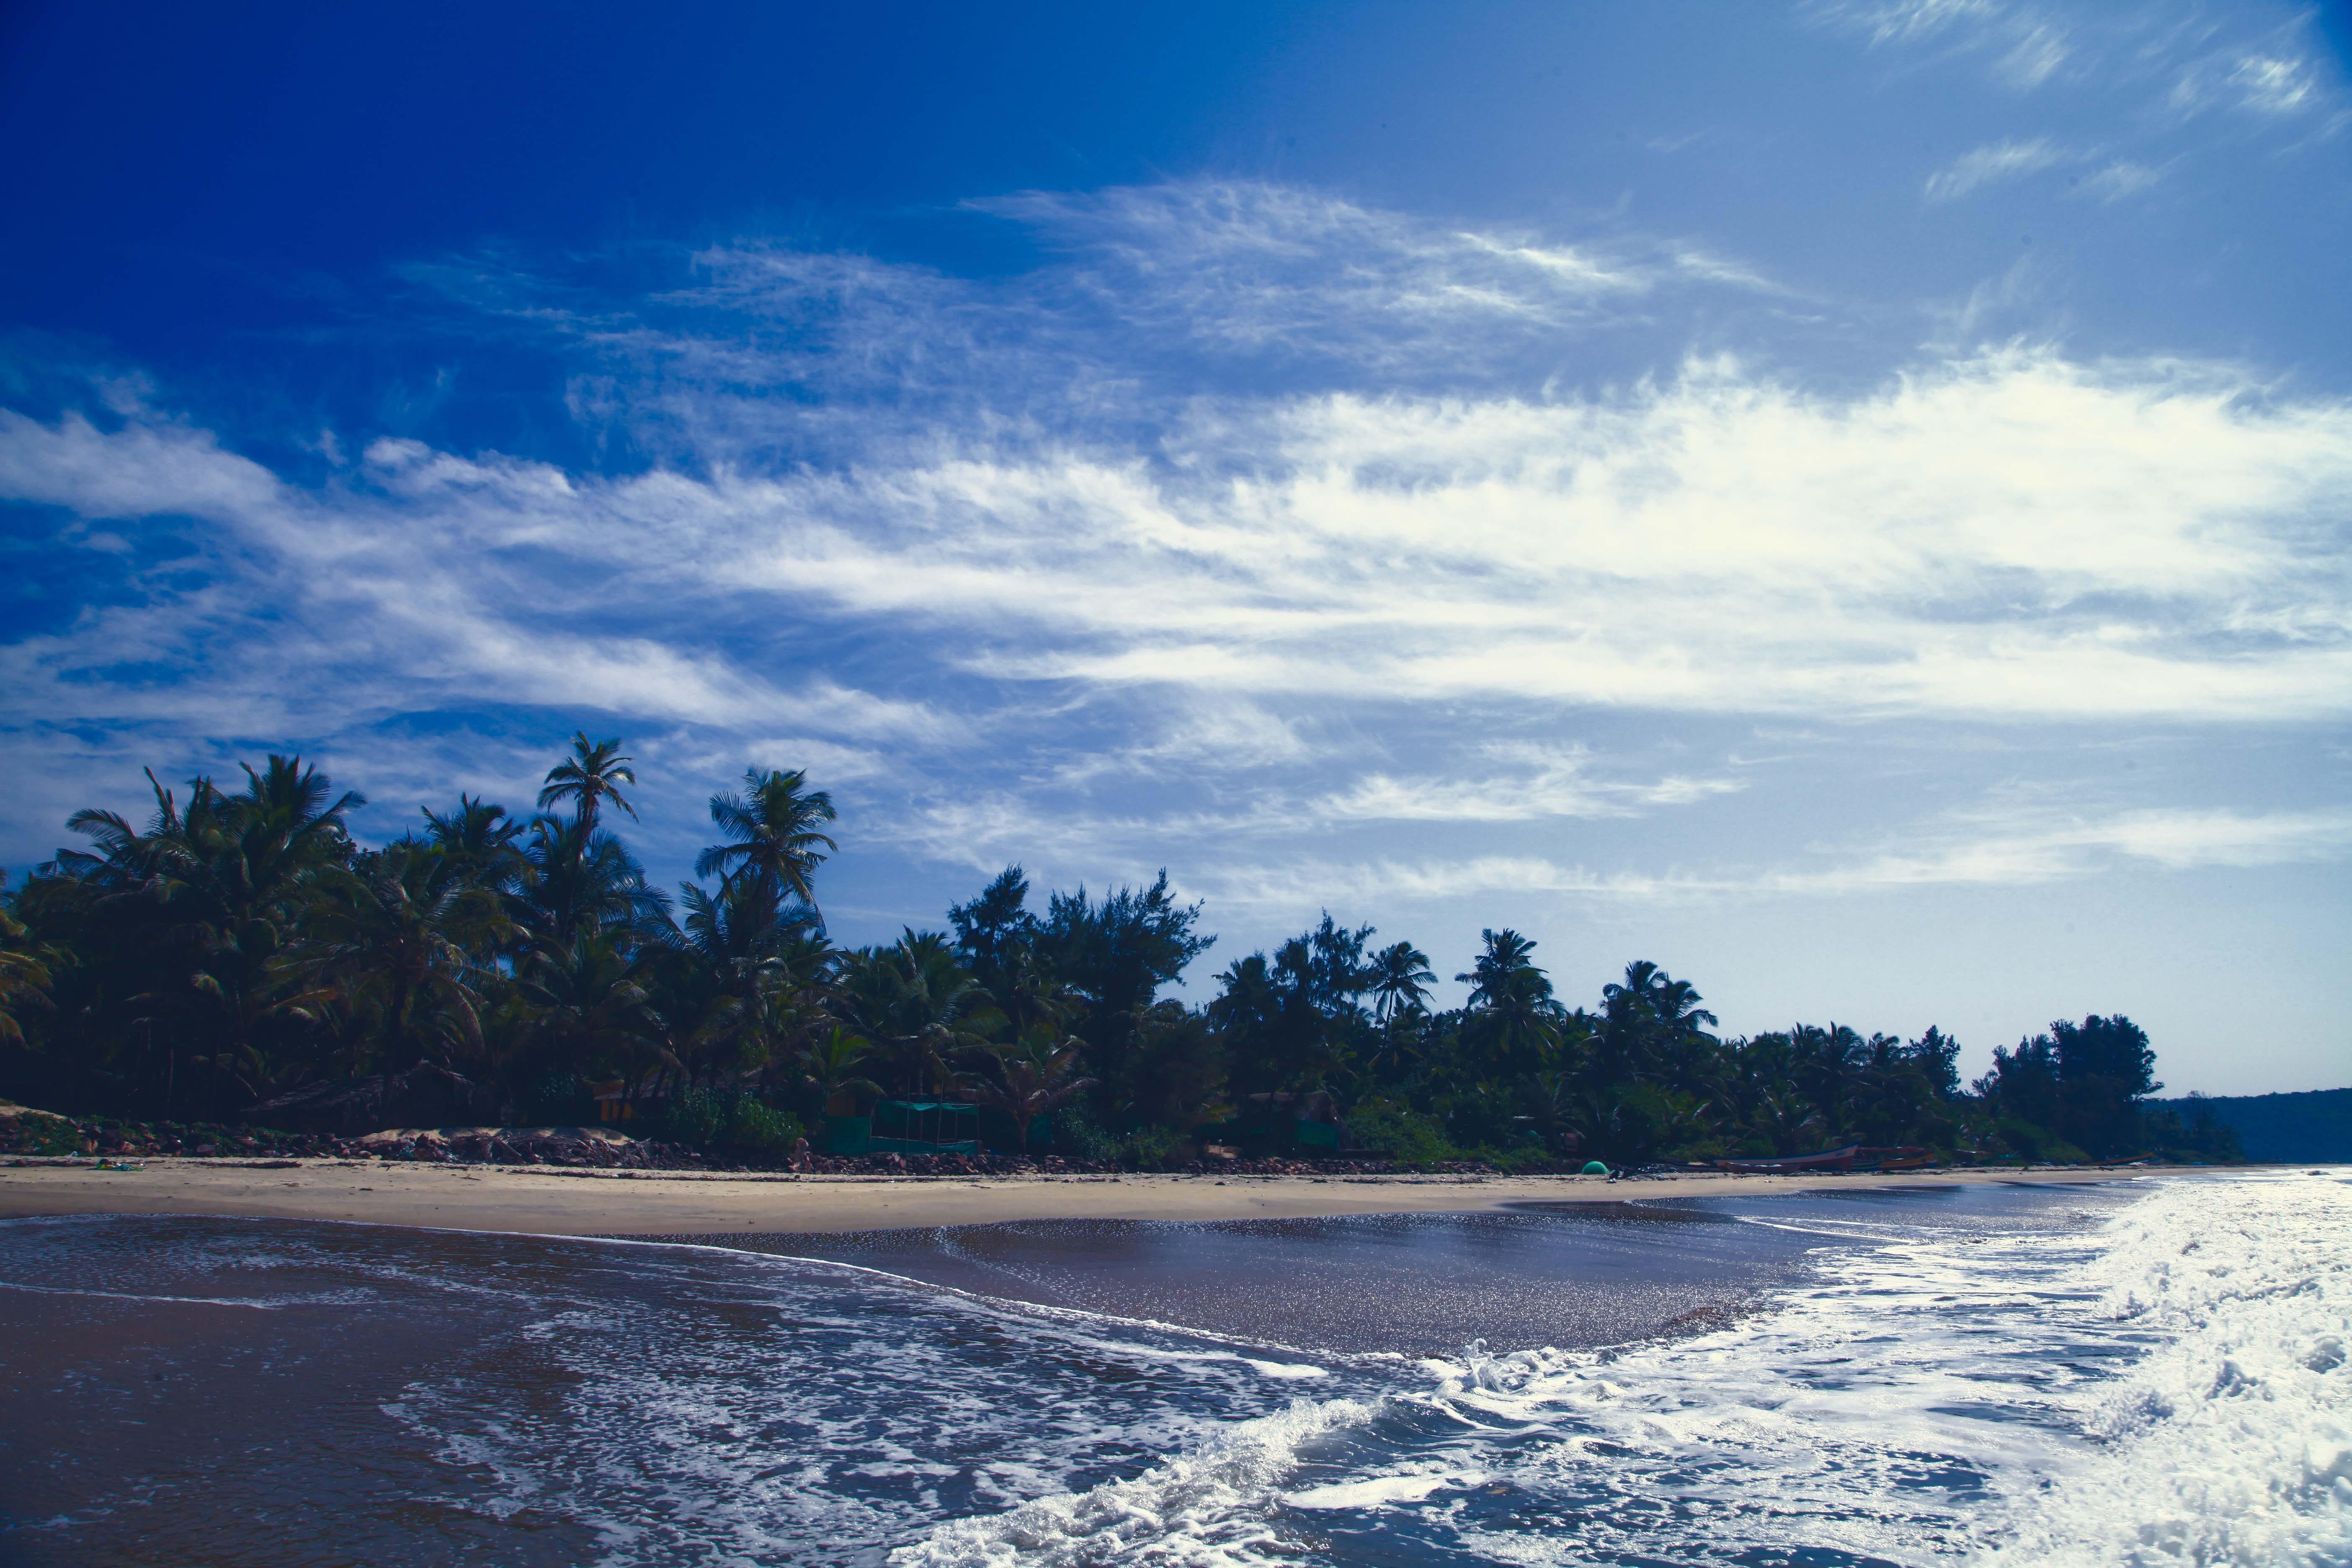 Landscape Photography of Coconut Tree Near Seashore